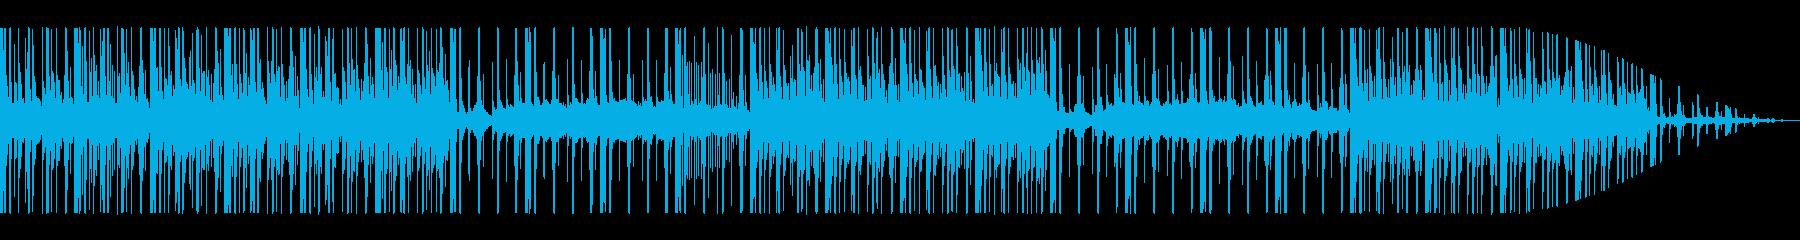 近未来的な日常を感じさせる音楽の再生済みの波形